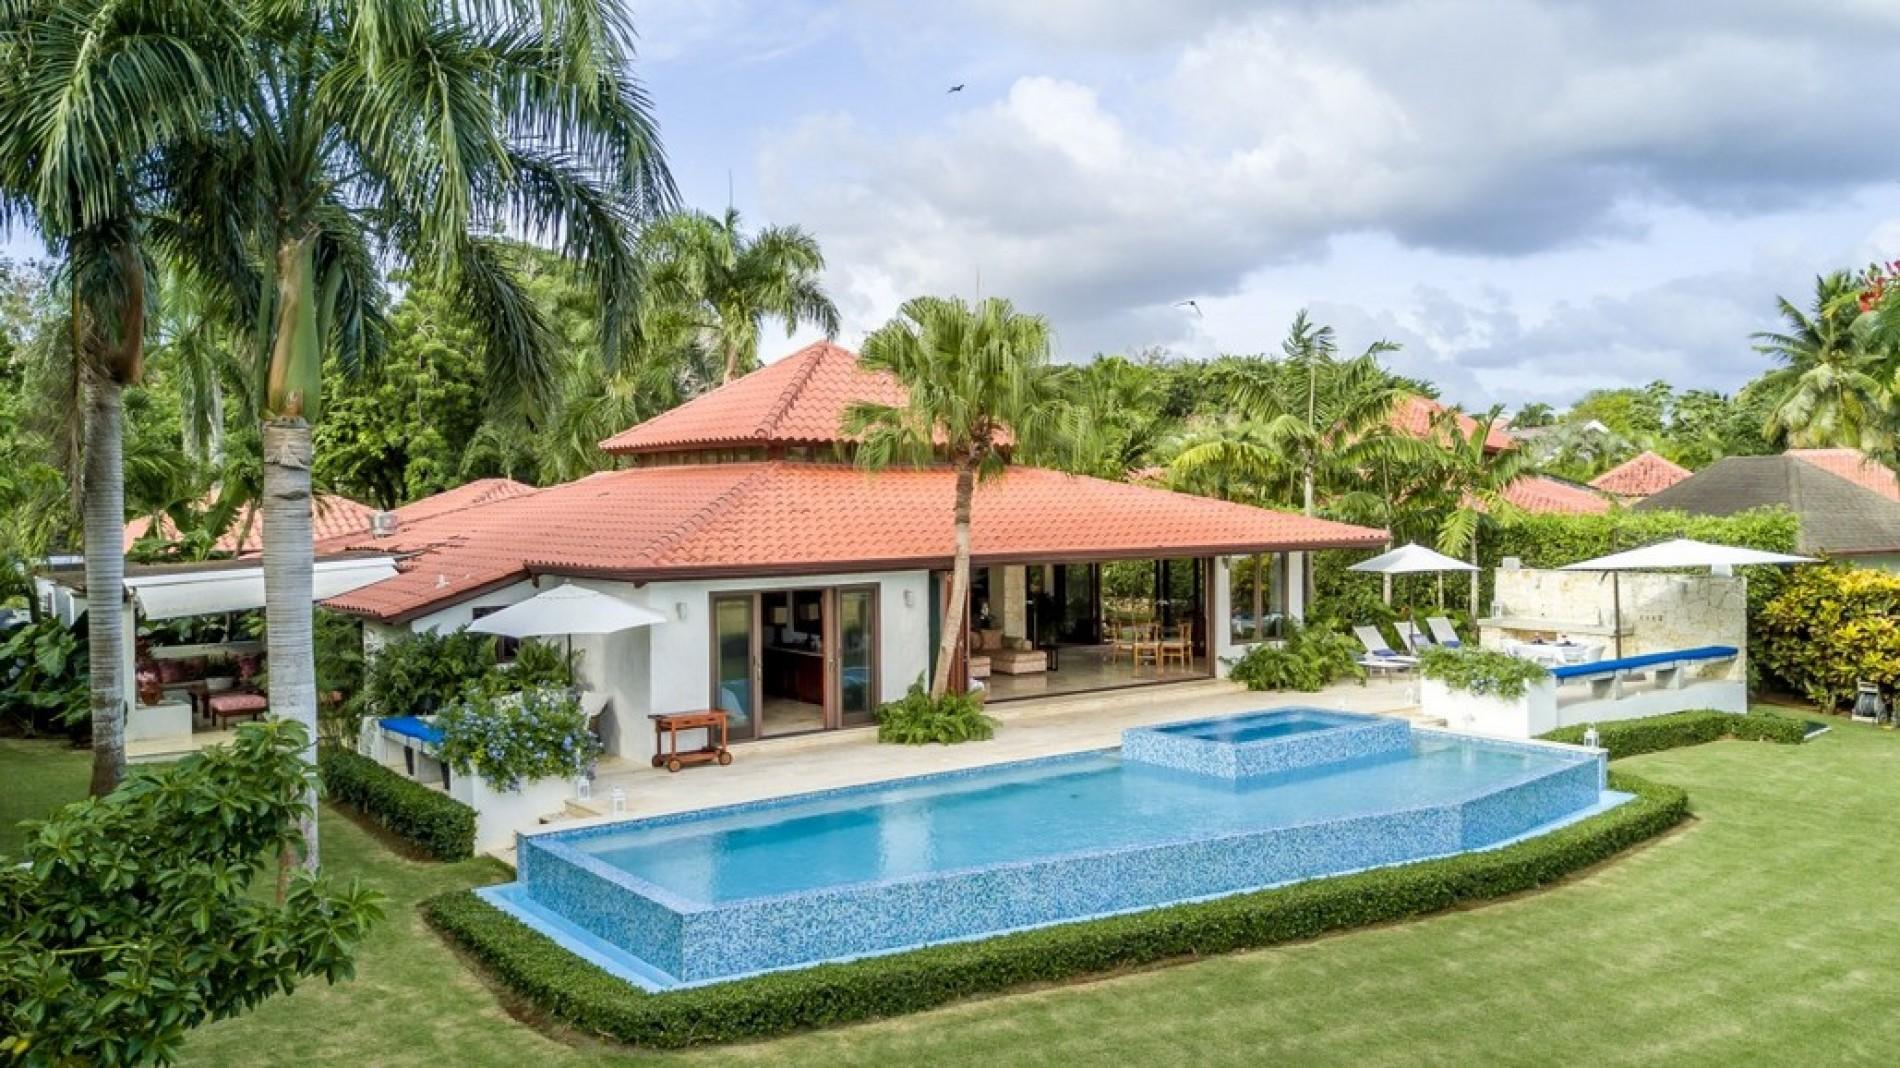 Villa Flamboyan - 4 bedroom - Casa De Campo